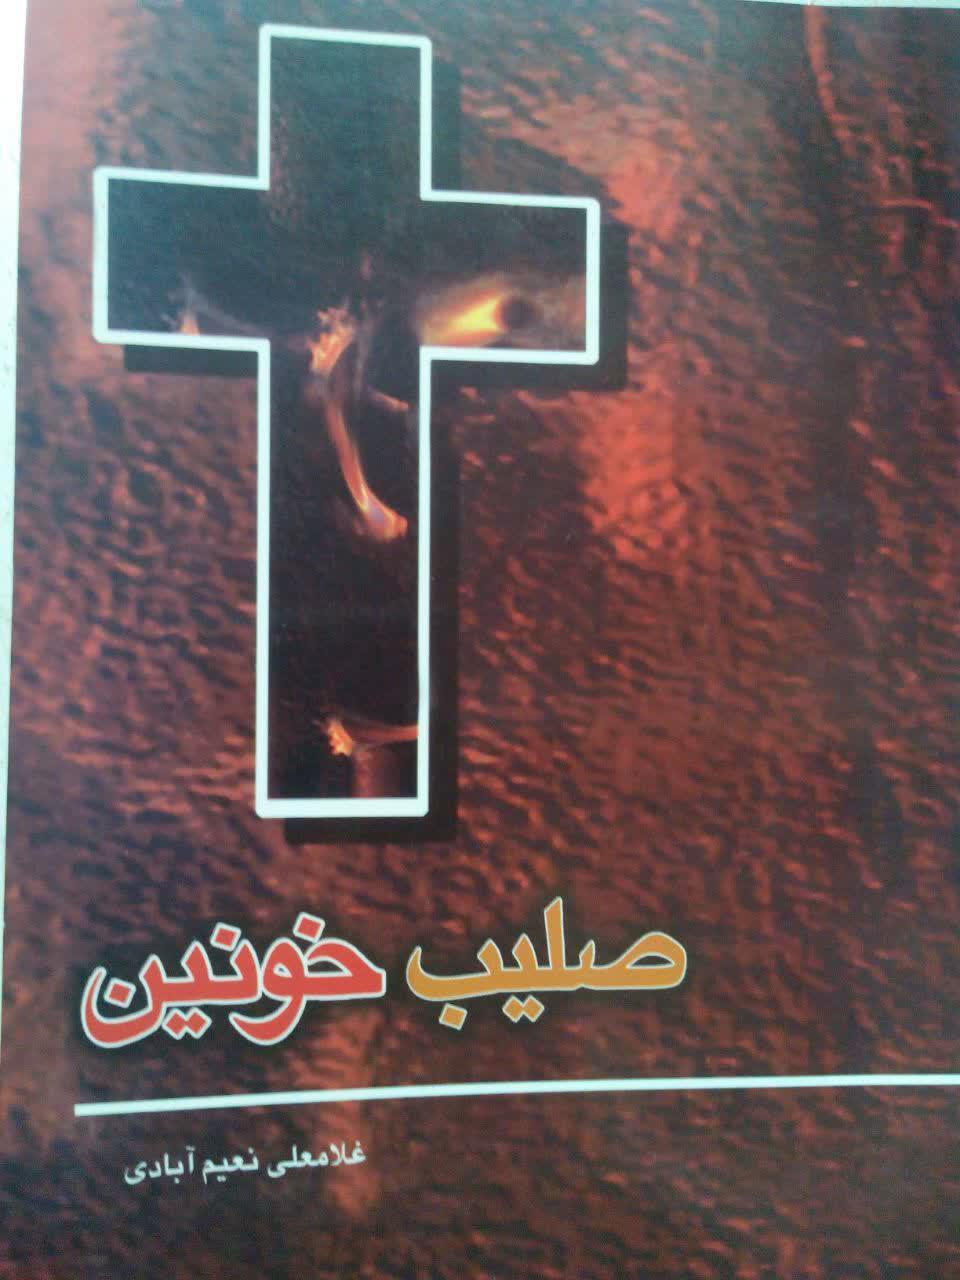 کتاب صلیب خونین